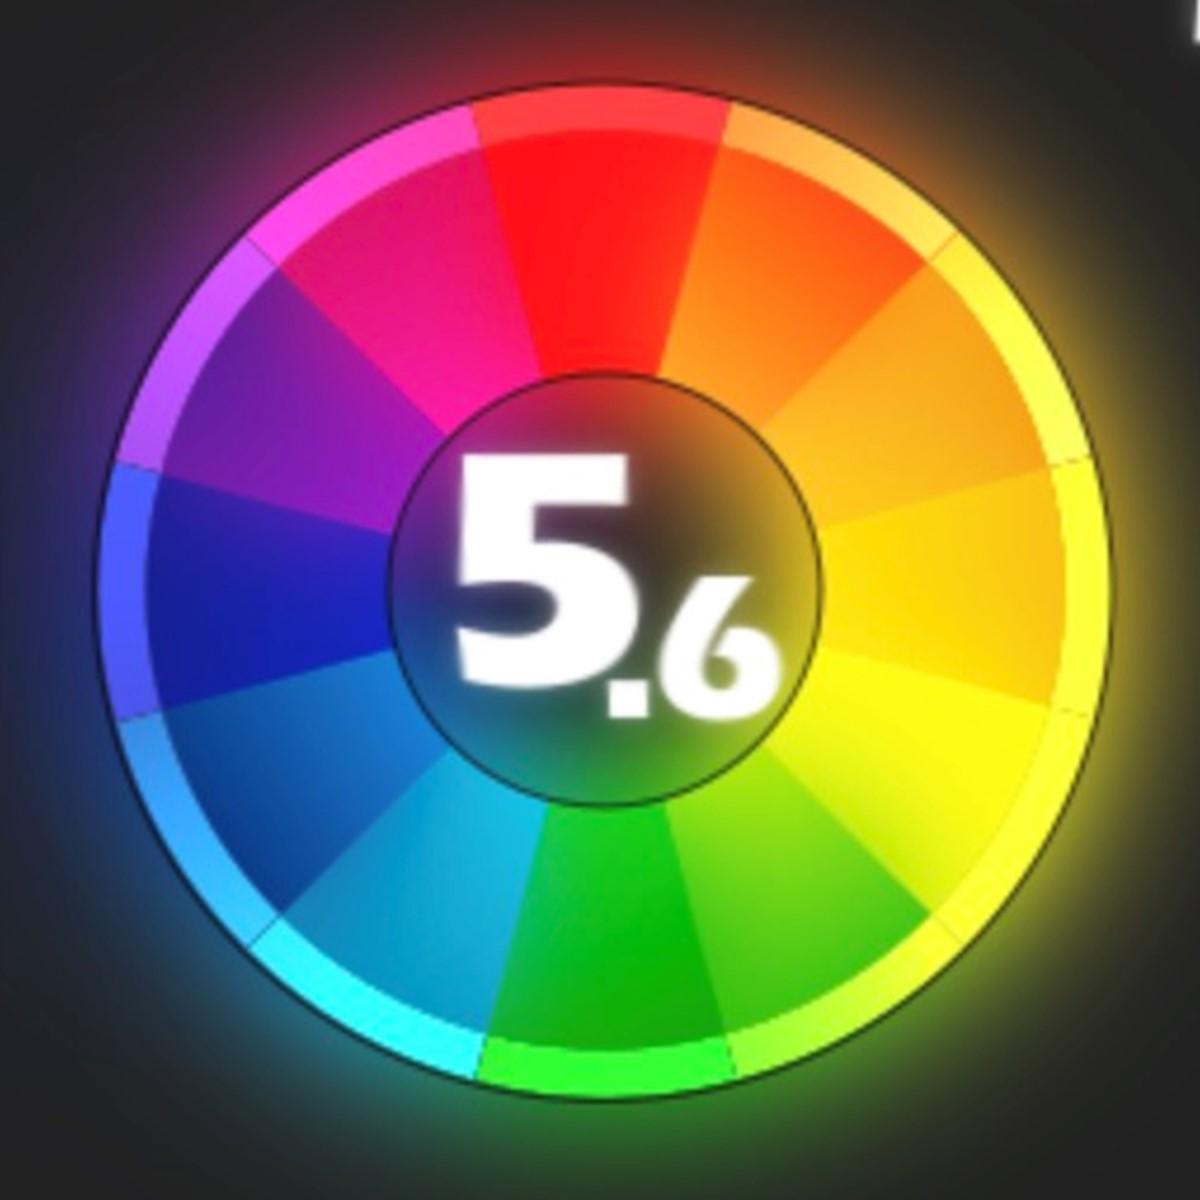 RawTherapee 5 6 adds new Pseudo-HiDPI mode, 'unclipped